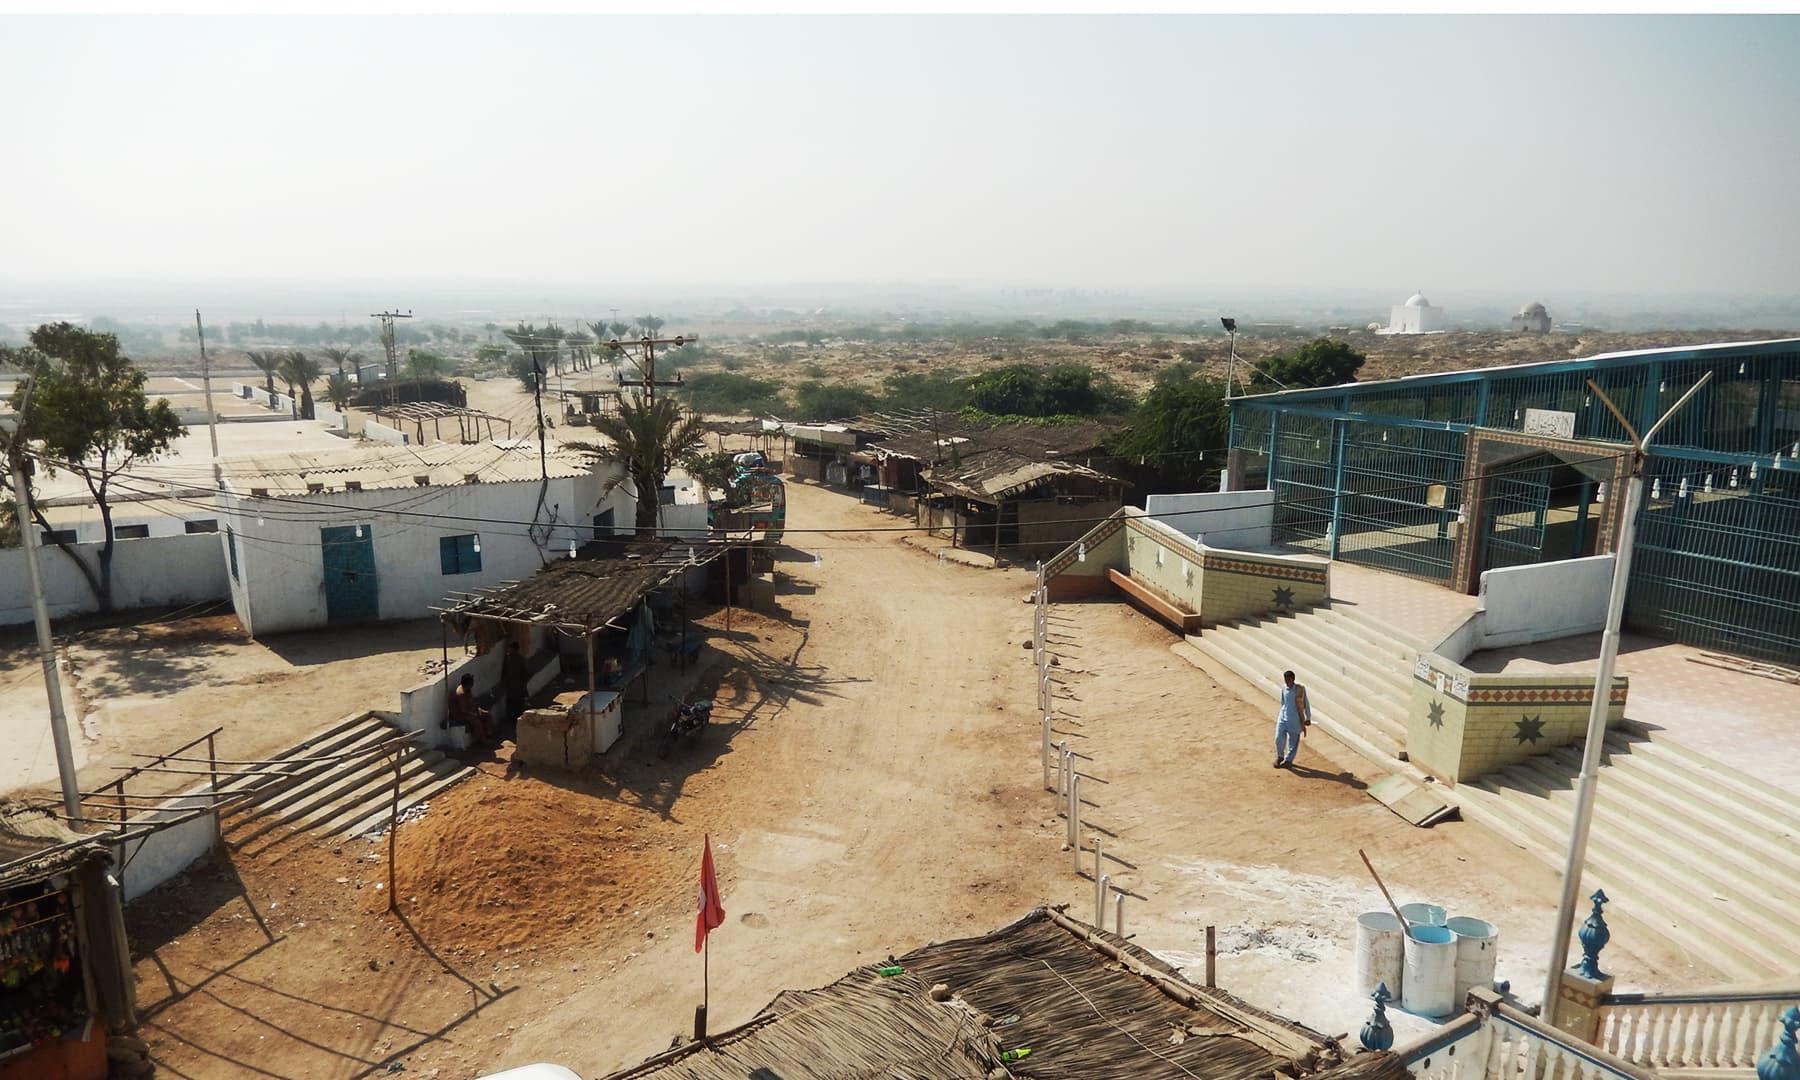 دور دور تک شاندار خانقاہیں دکھائی دیتی ہیں — تصویر ابوبکر شیخ